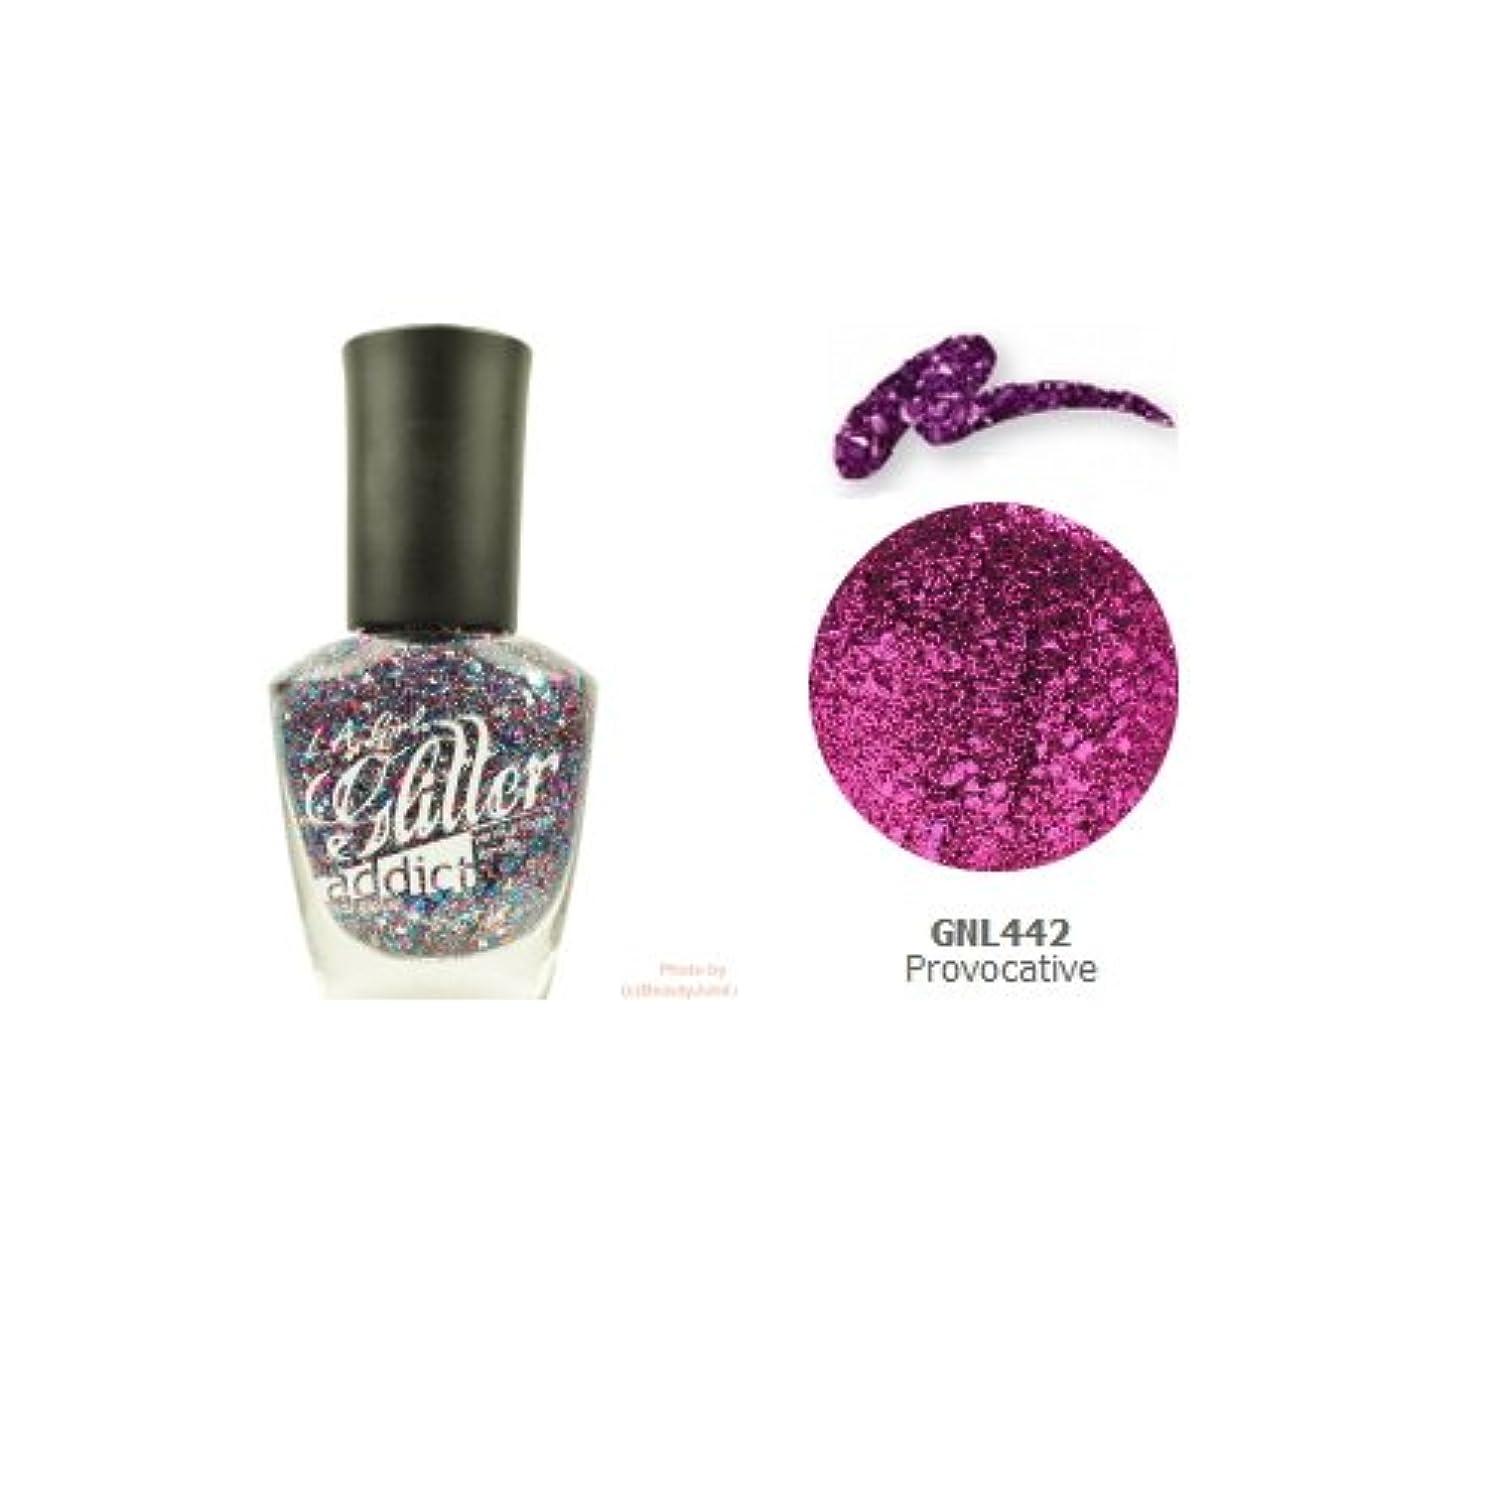 検索エンジンマーケティング以上クロス(6 Pack) LA GIRL Glitter Addict Polish - Provocative (並行輸入品)